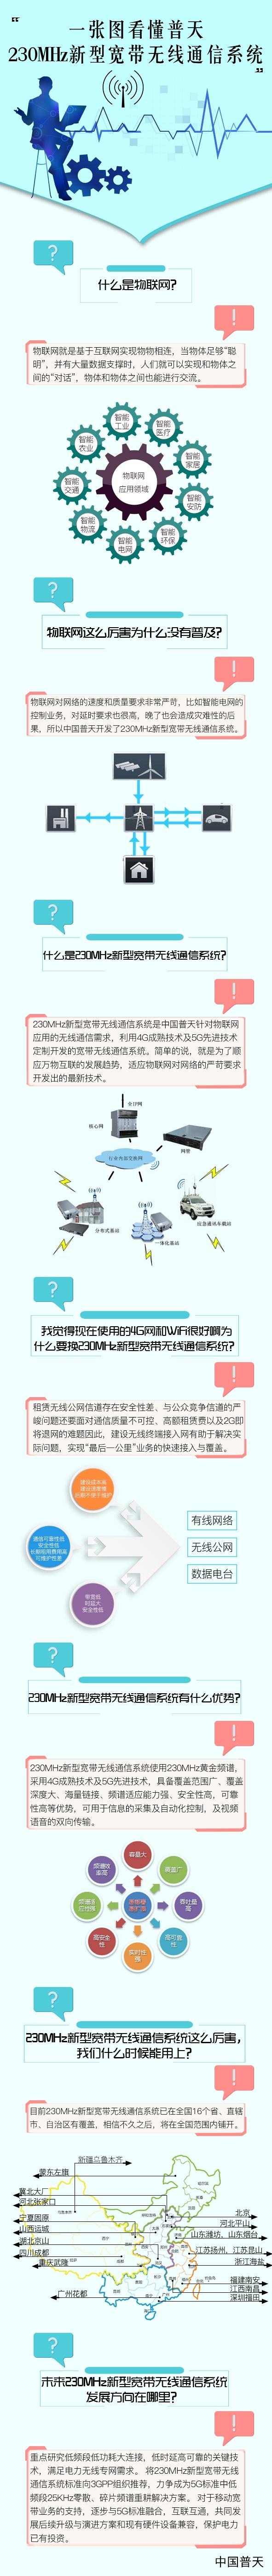 一张图看懂普天230MHz新型宽带无线通信系统